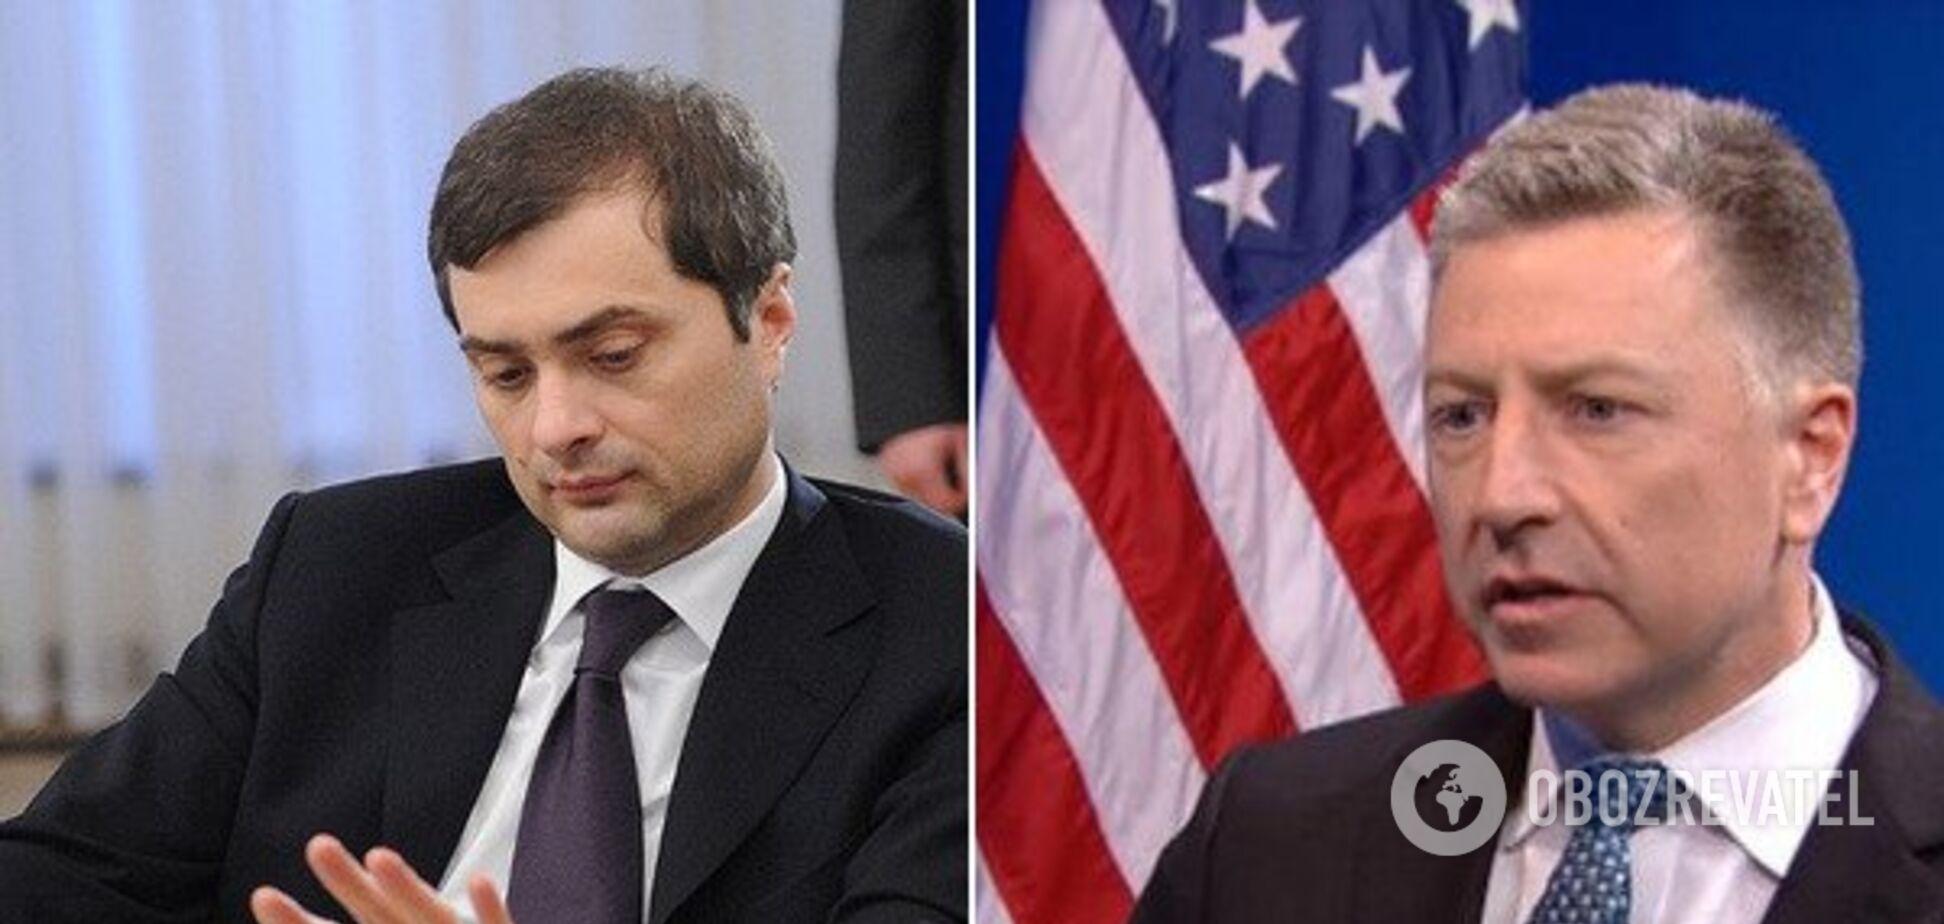 Хочуть обговорити Донбас: Волкер раптово призначив зустріч Суркову